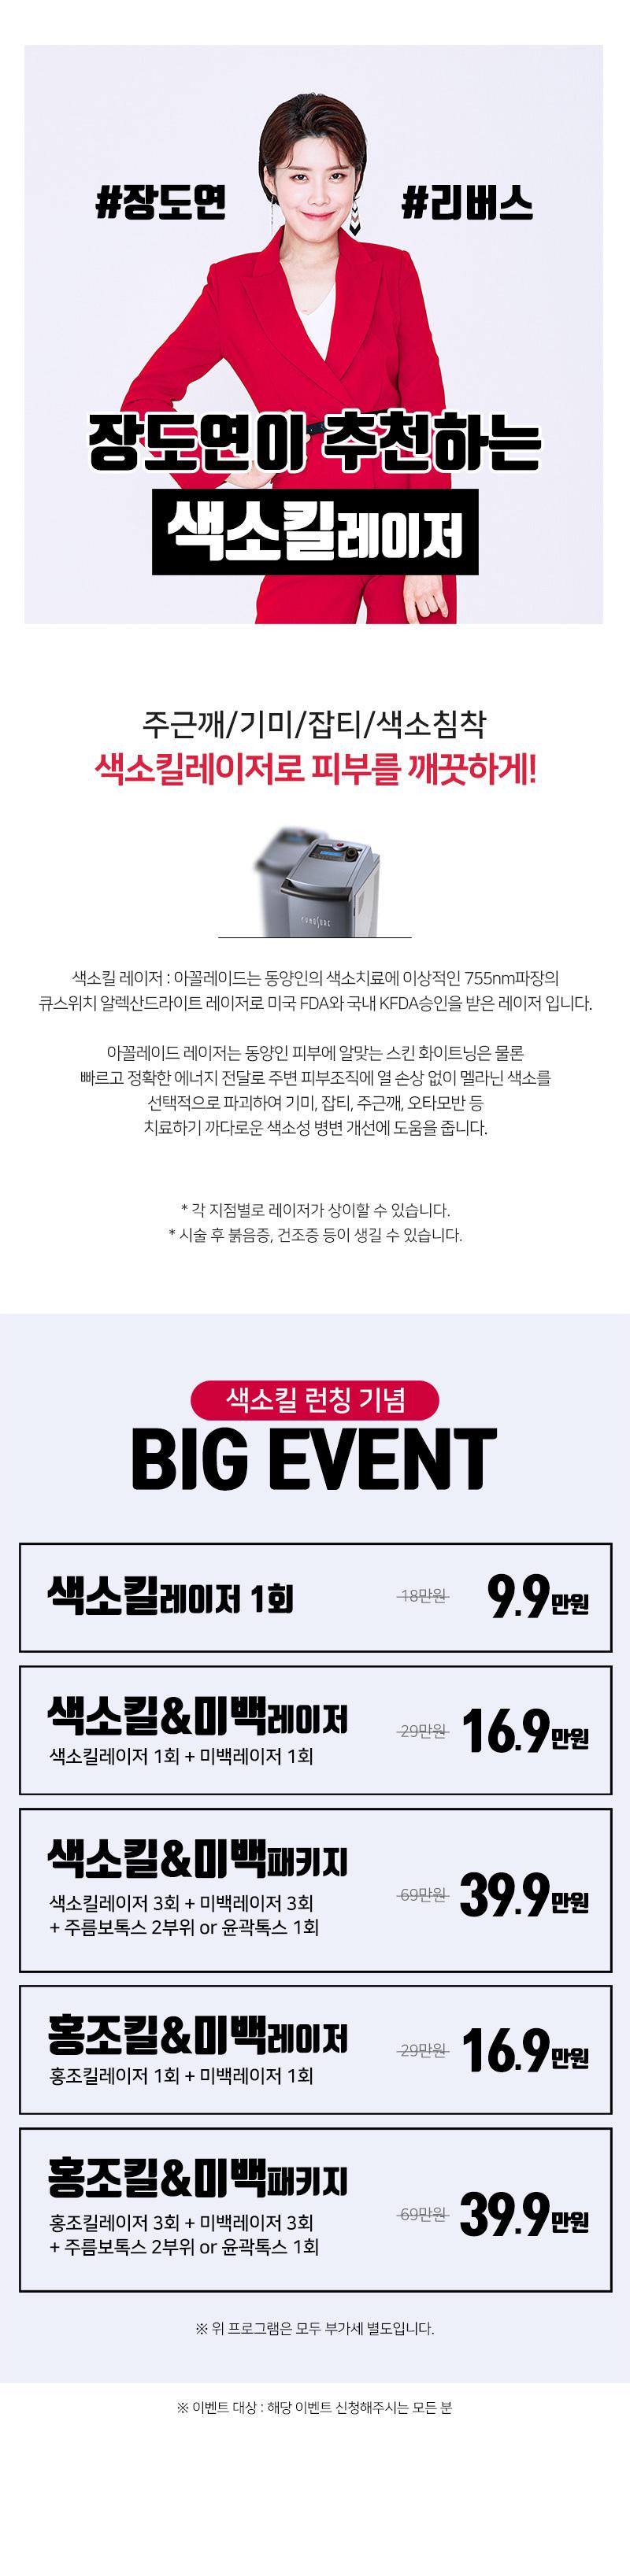 D event info af14d9265f6821640b